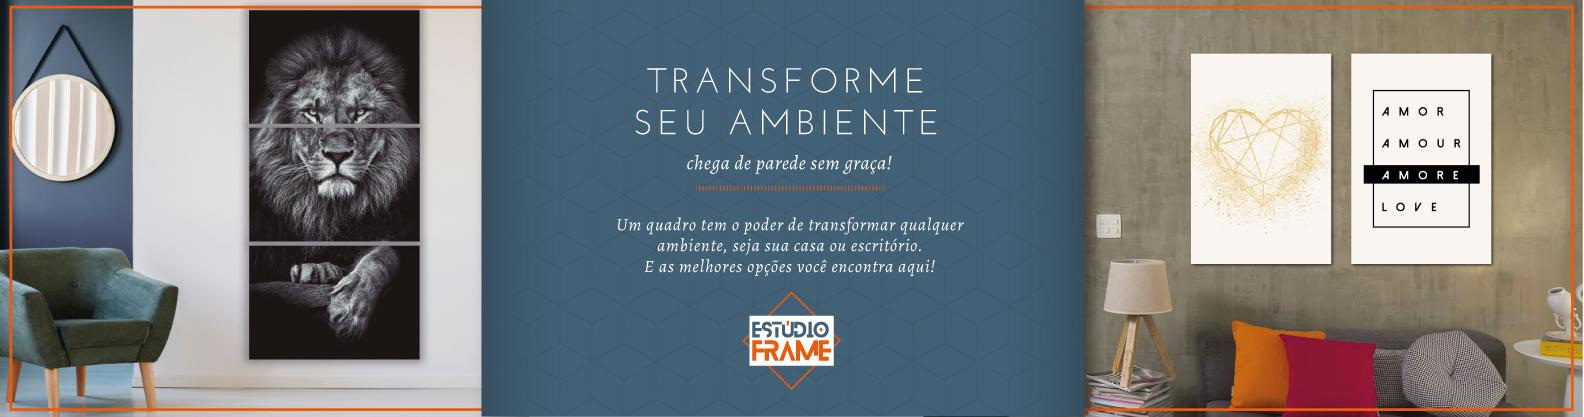 Transforme seu ambiente